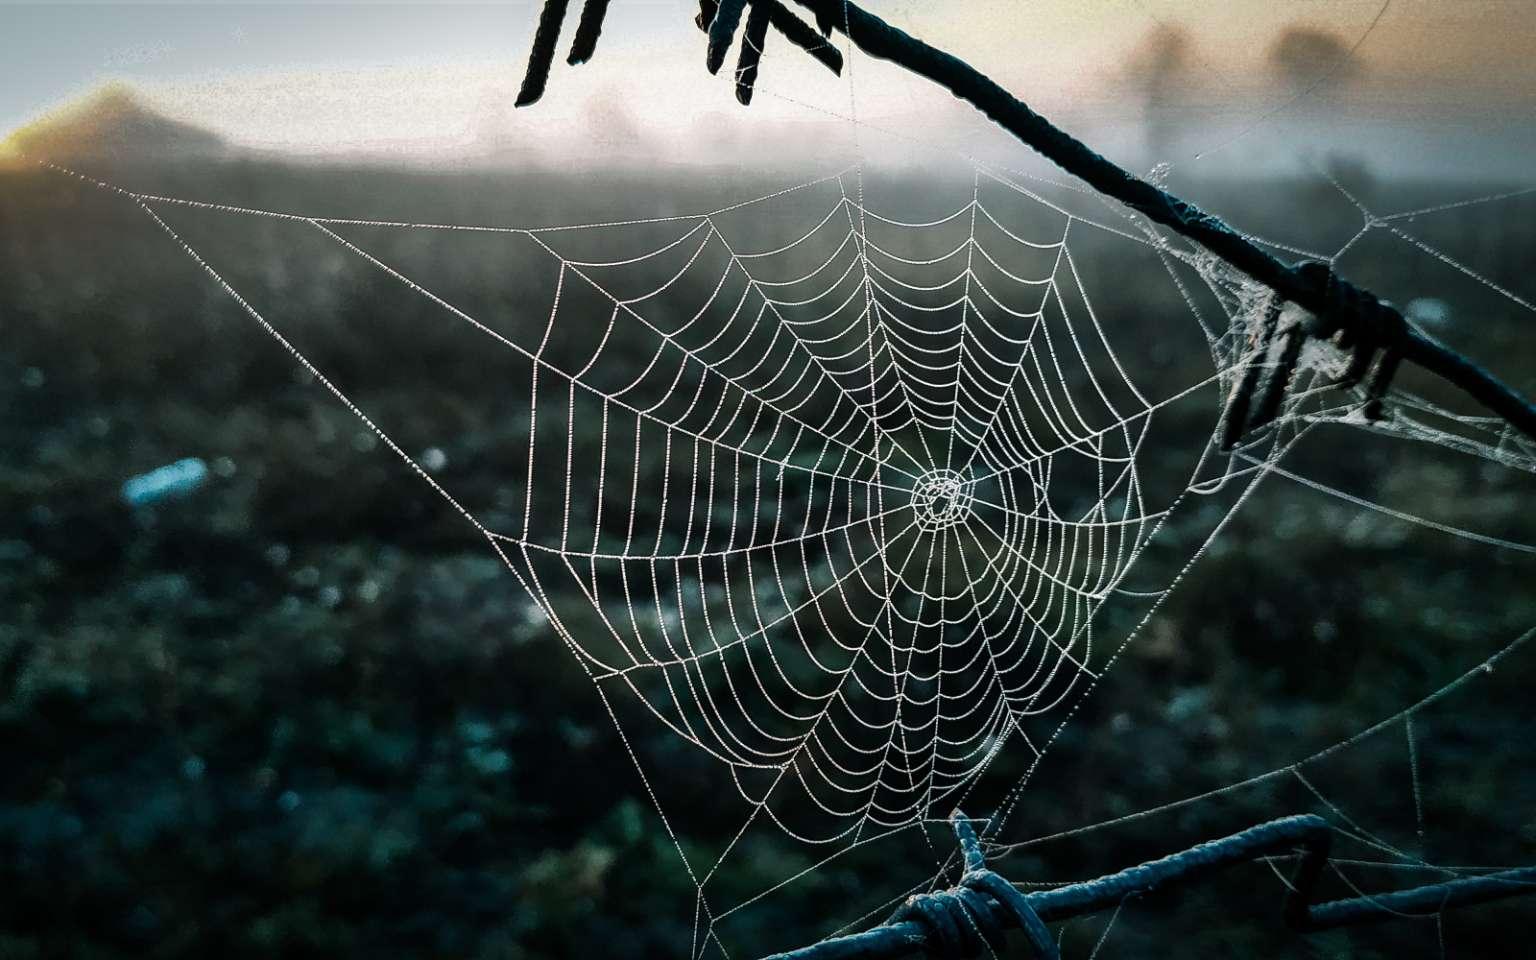 Les toiles d'araignées ont des propriétés impressionnantes. © Дима Широкий, Adobe Stock